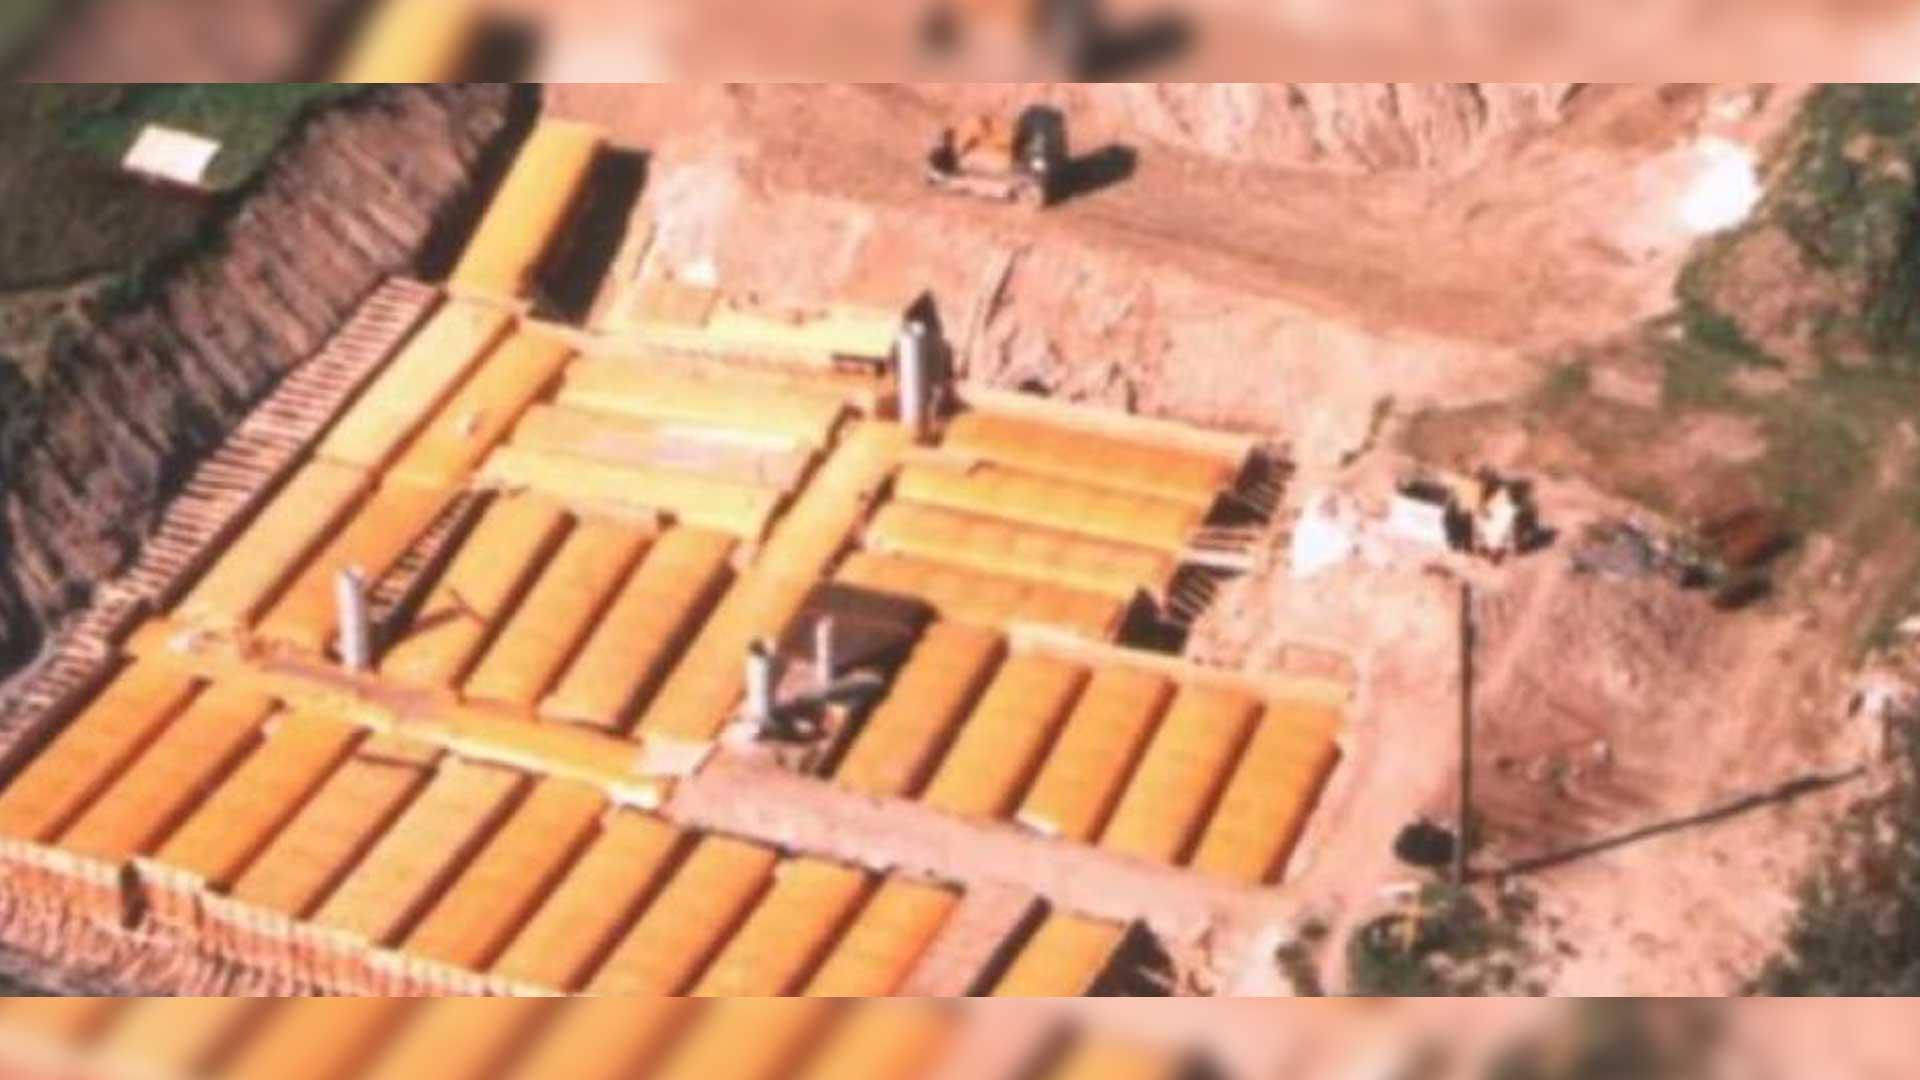 BÚNKER NUCLEAR DE PROPIEDAD PRIVADA MÁS GRANDE DE AMÉRICA DEL NORTE SE FABRICÓ A PARTIR DE 42 AUTOBUSES ESCOLARES